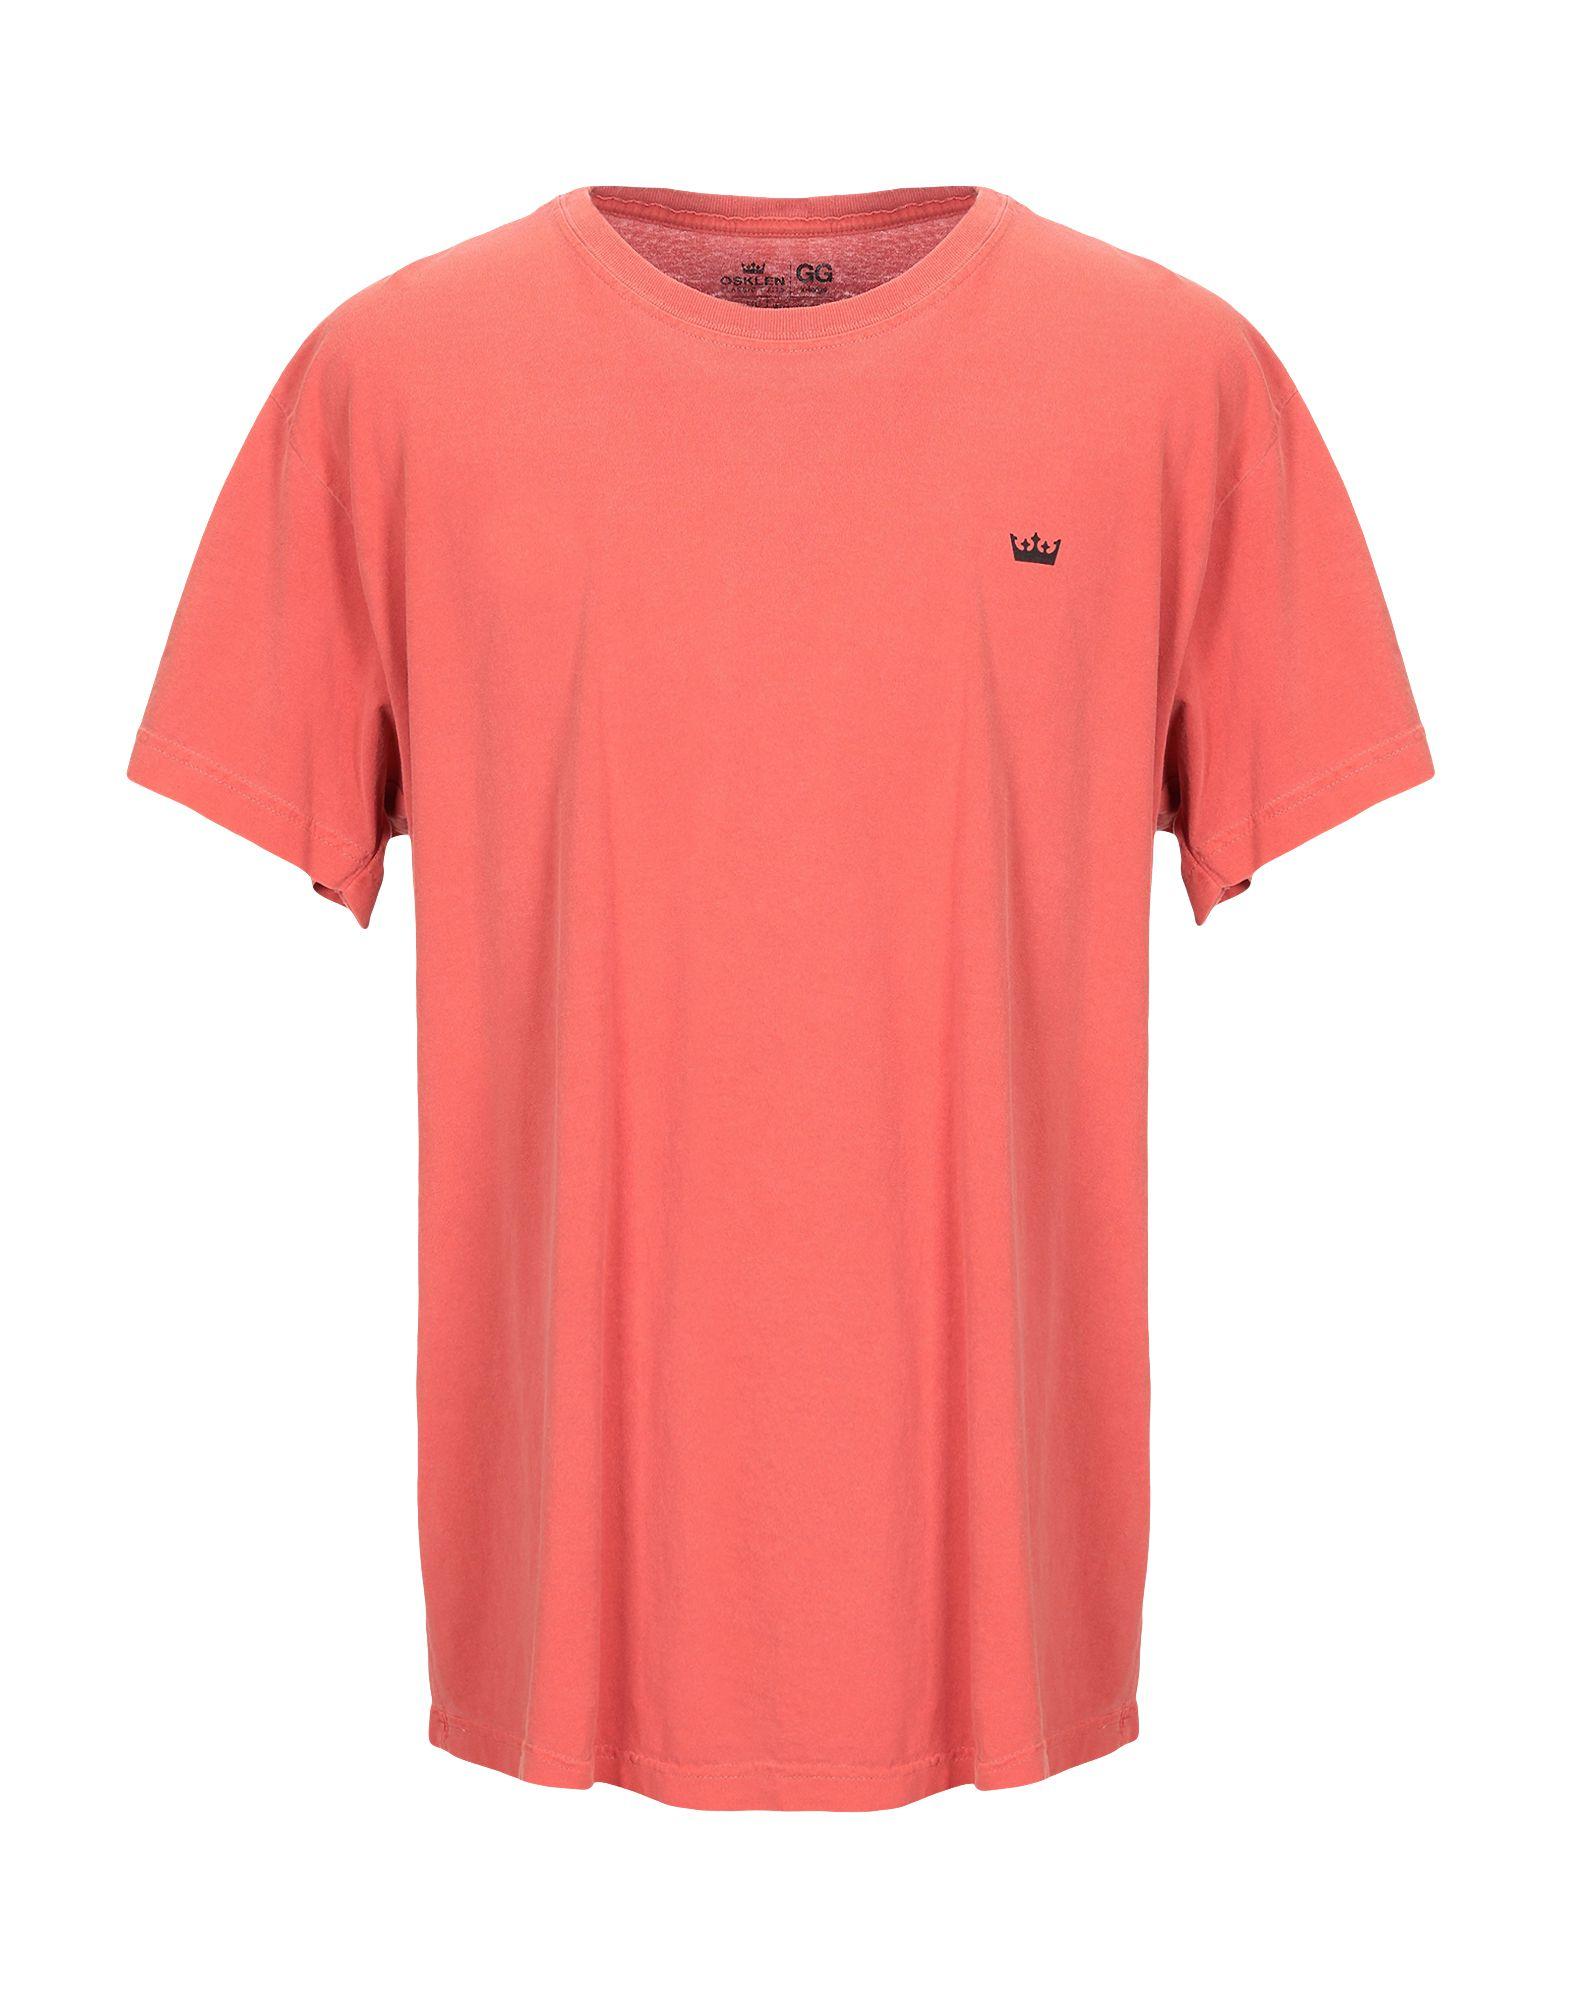 《送料無料》OSKLEN メンズ T シャツ 赤茶色 XL コットン 100%